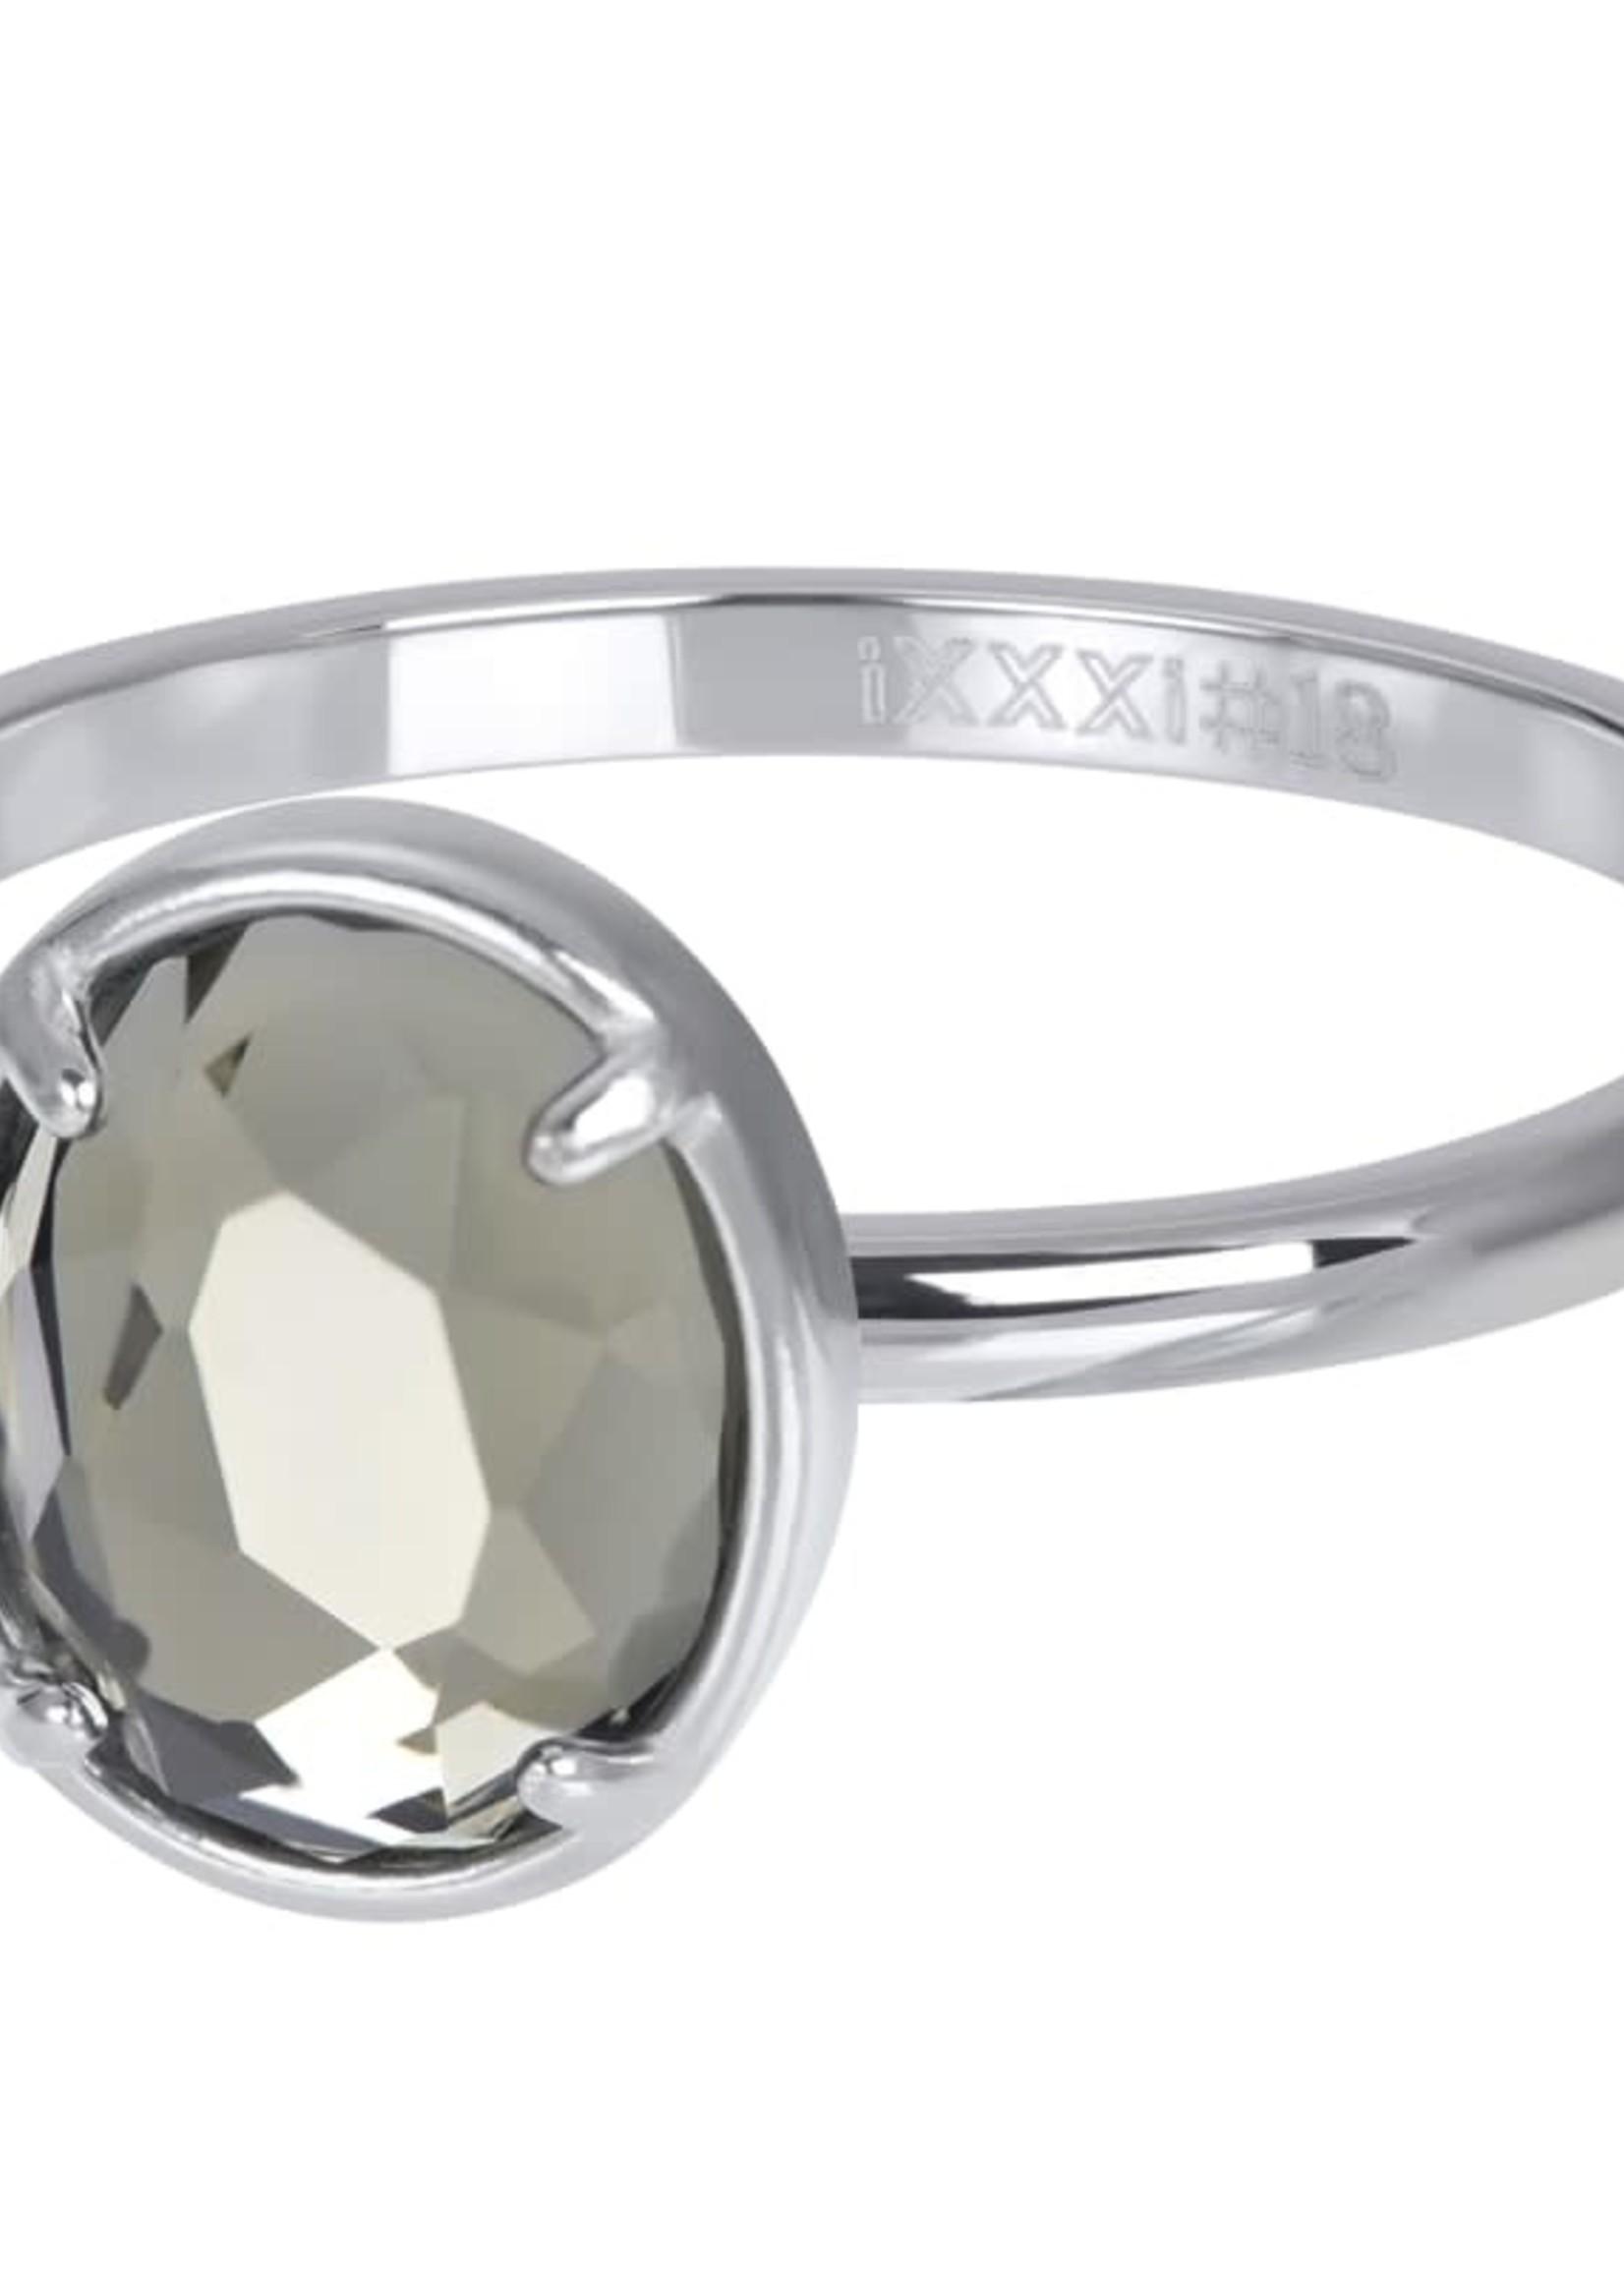 iXXXi ringen iXXXi Glam oval